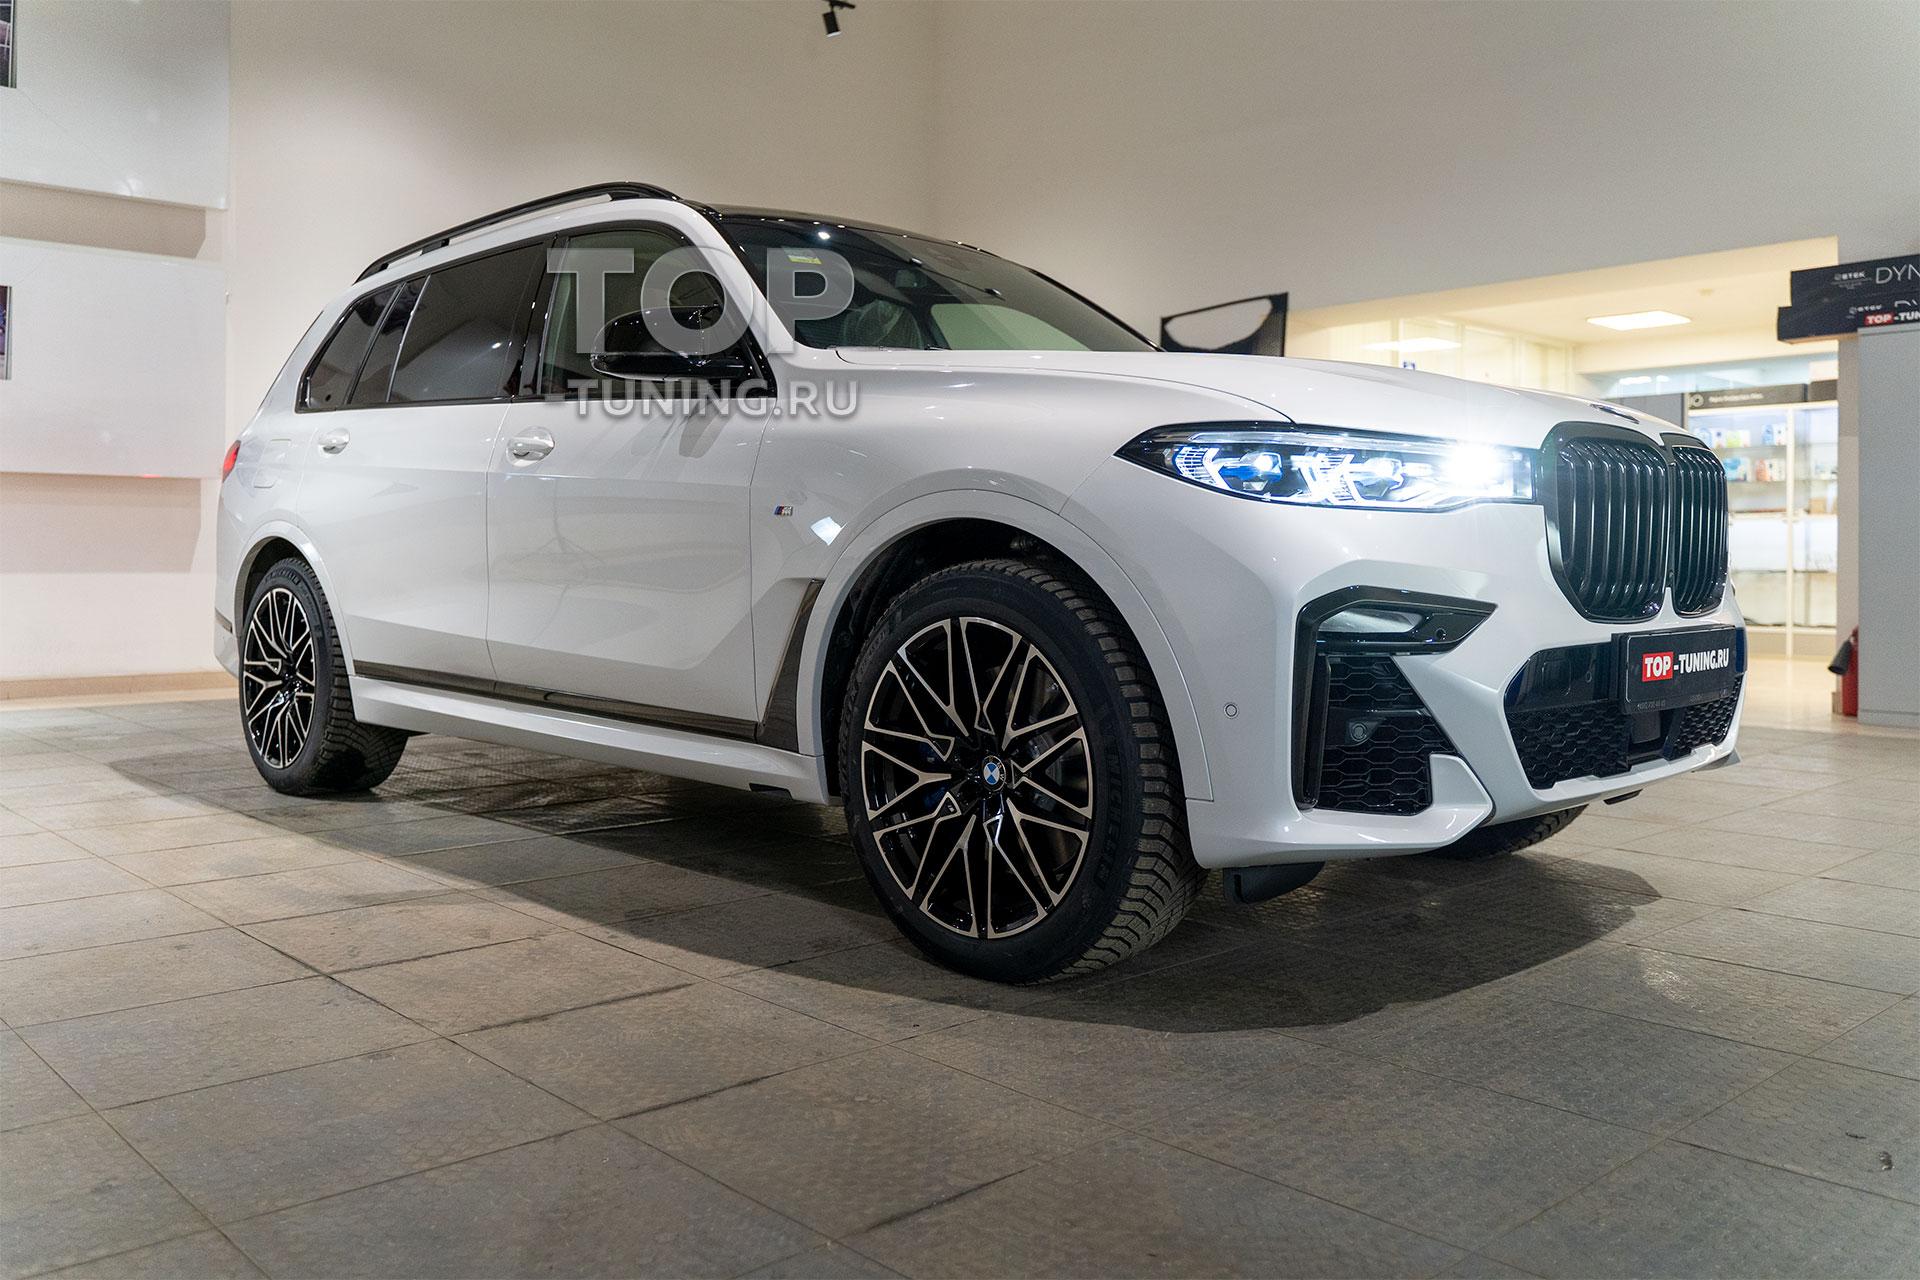 Защита стекол BMW X7 - Бронепленка Clear Plex (США)